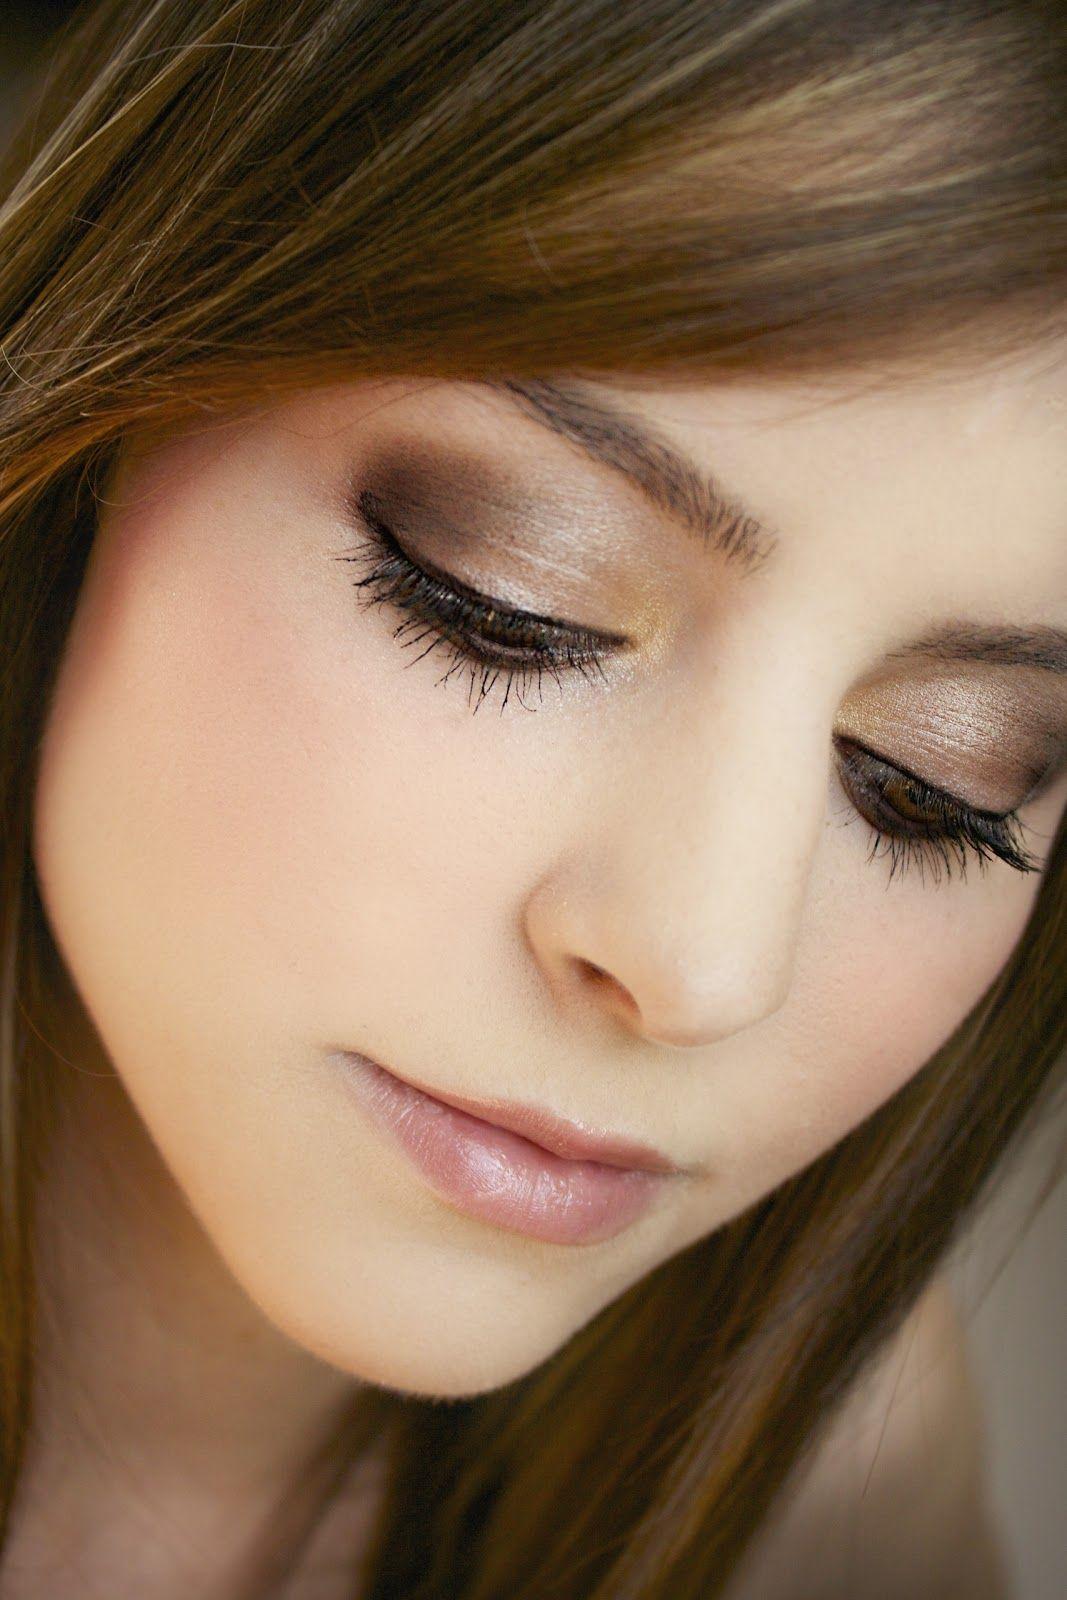 Pin on makeup shiz